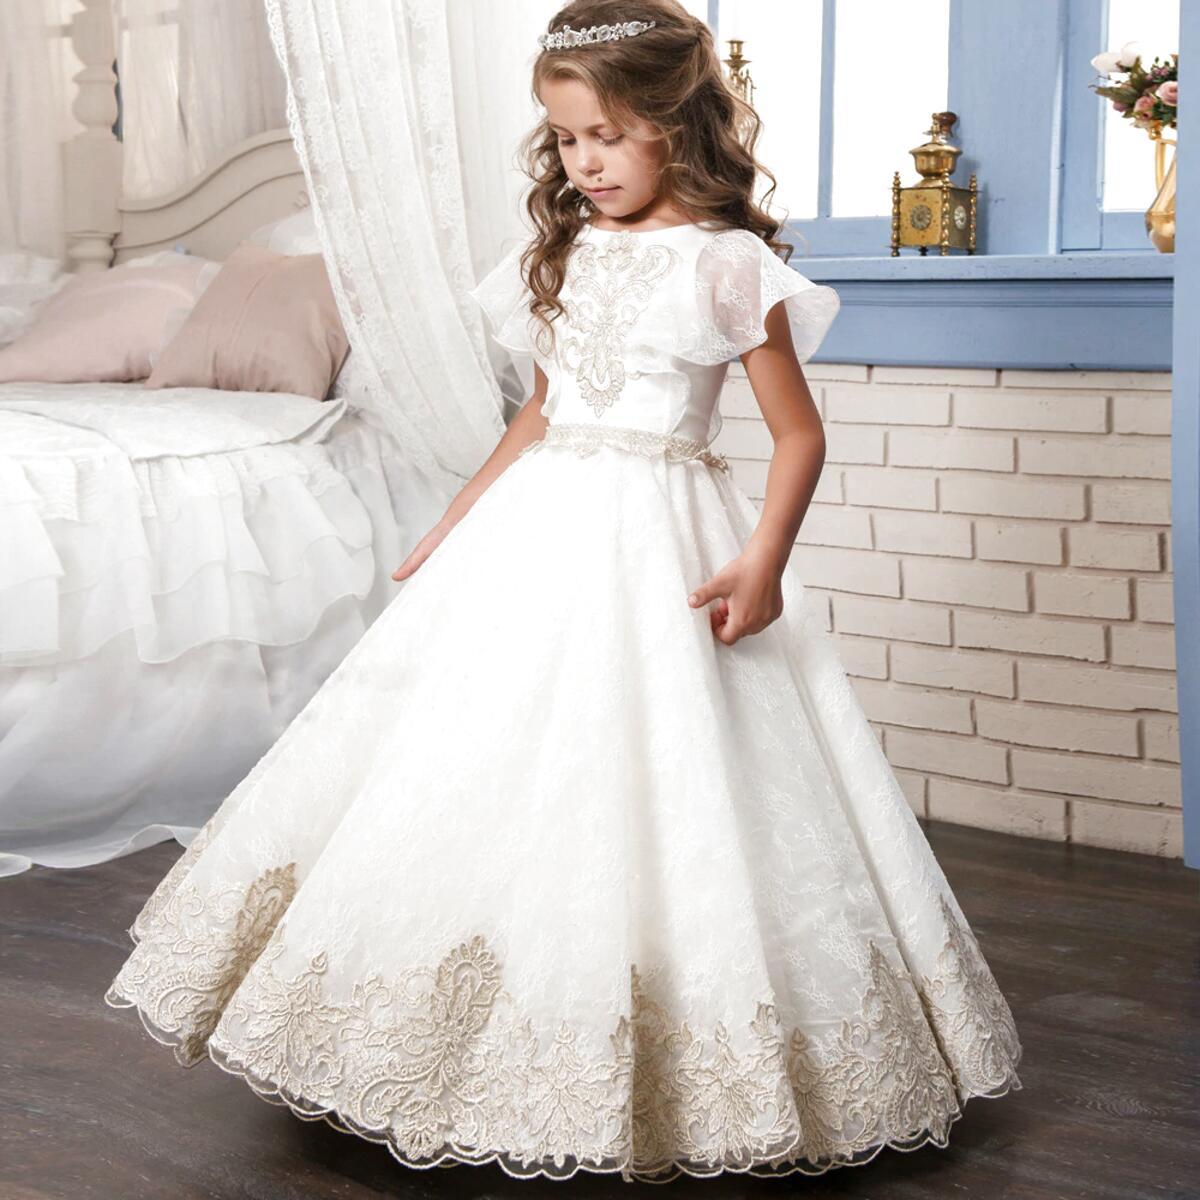 Brautkleid Kinder gebraucht kaufen! Nur 20 St. bis -20% günstiger